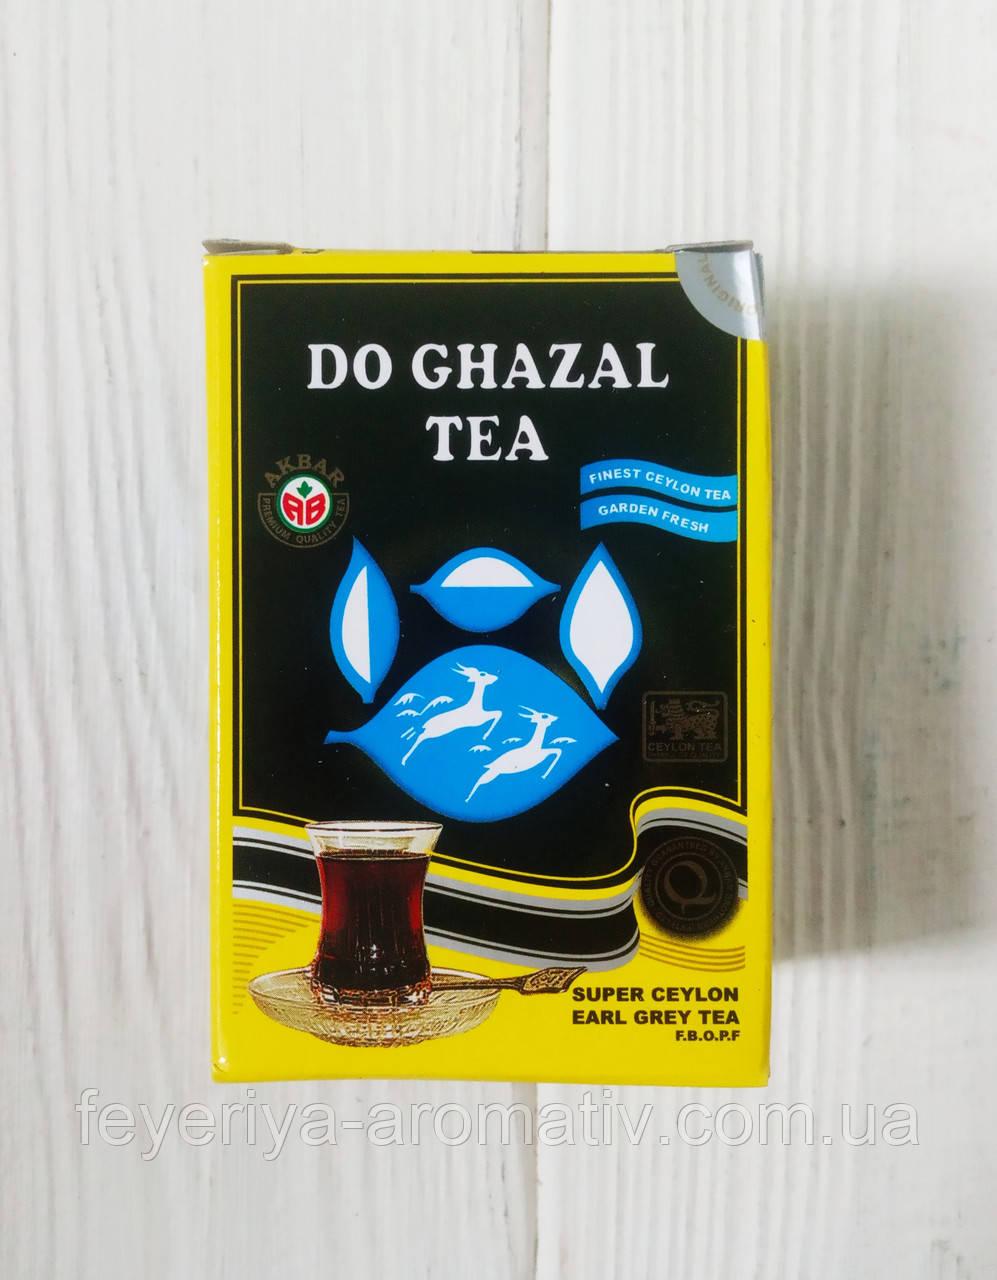 Супер цейлонский чай с бергамотом earl grey Do Ghazal tea, 25гр (Германия)